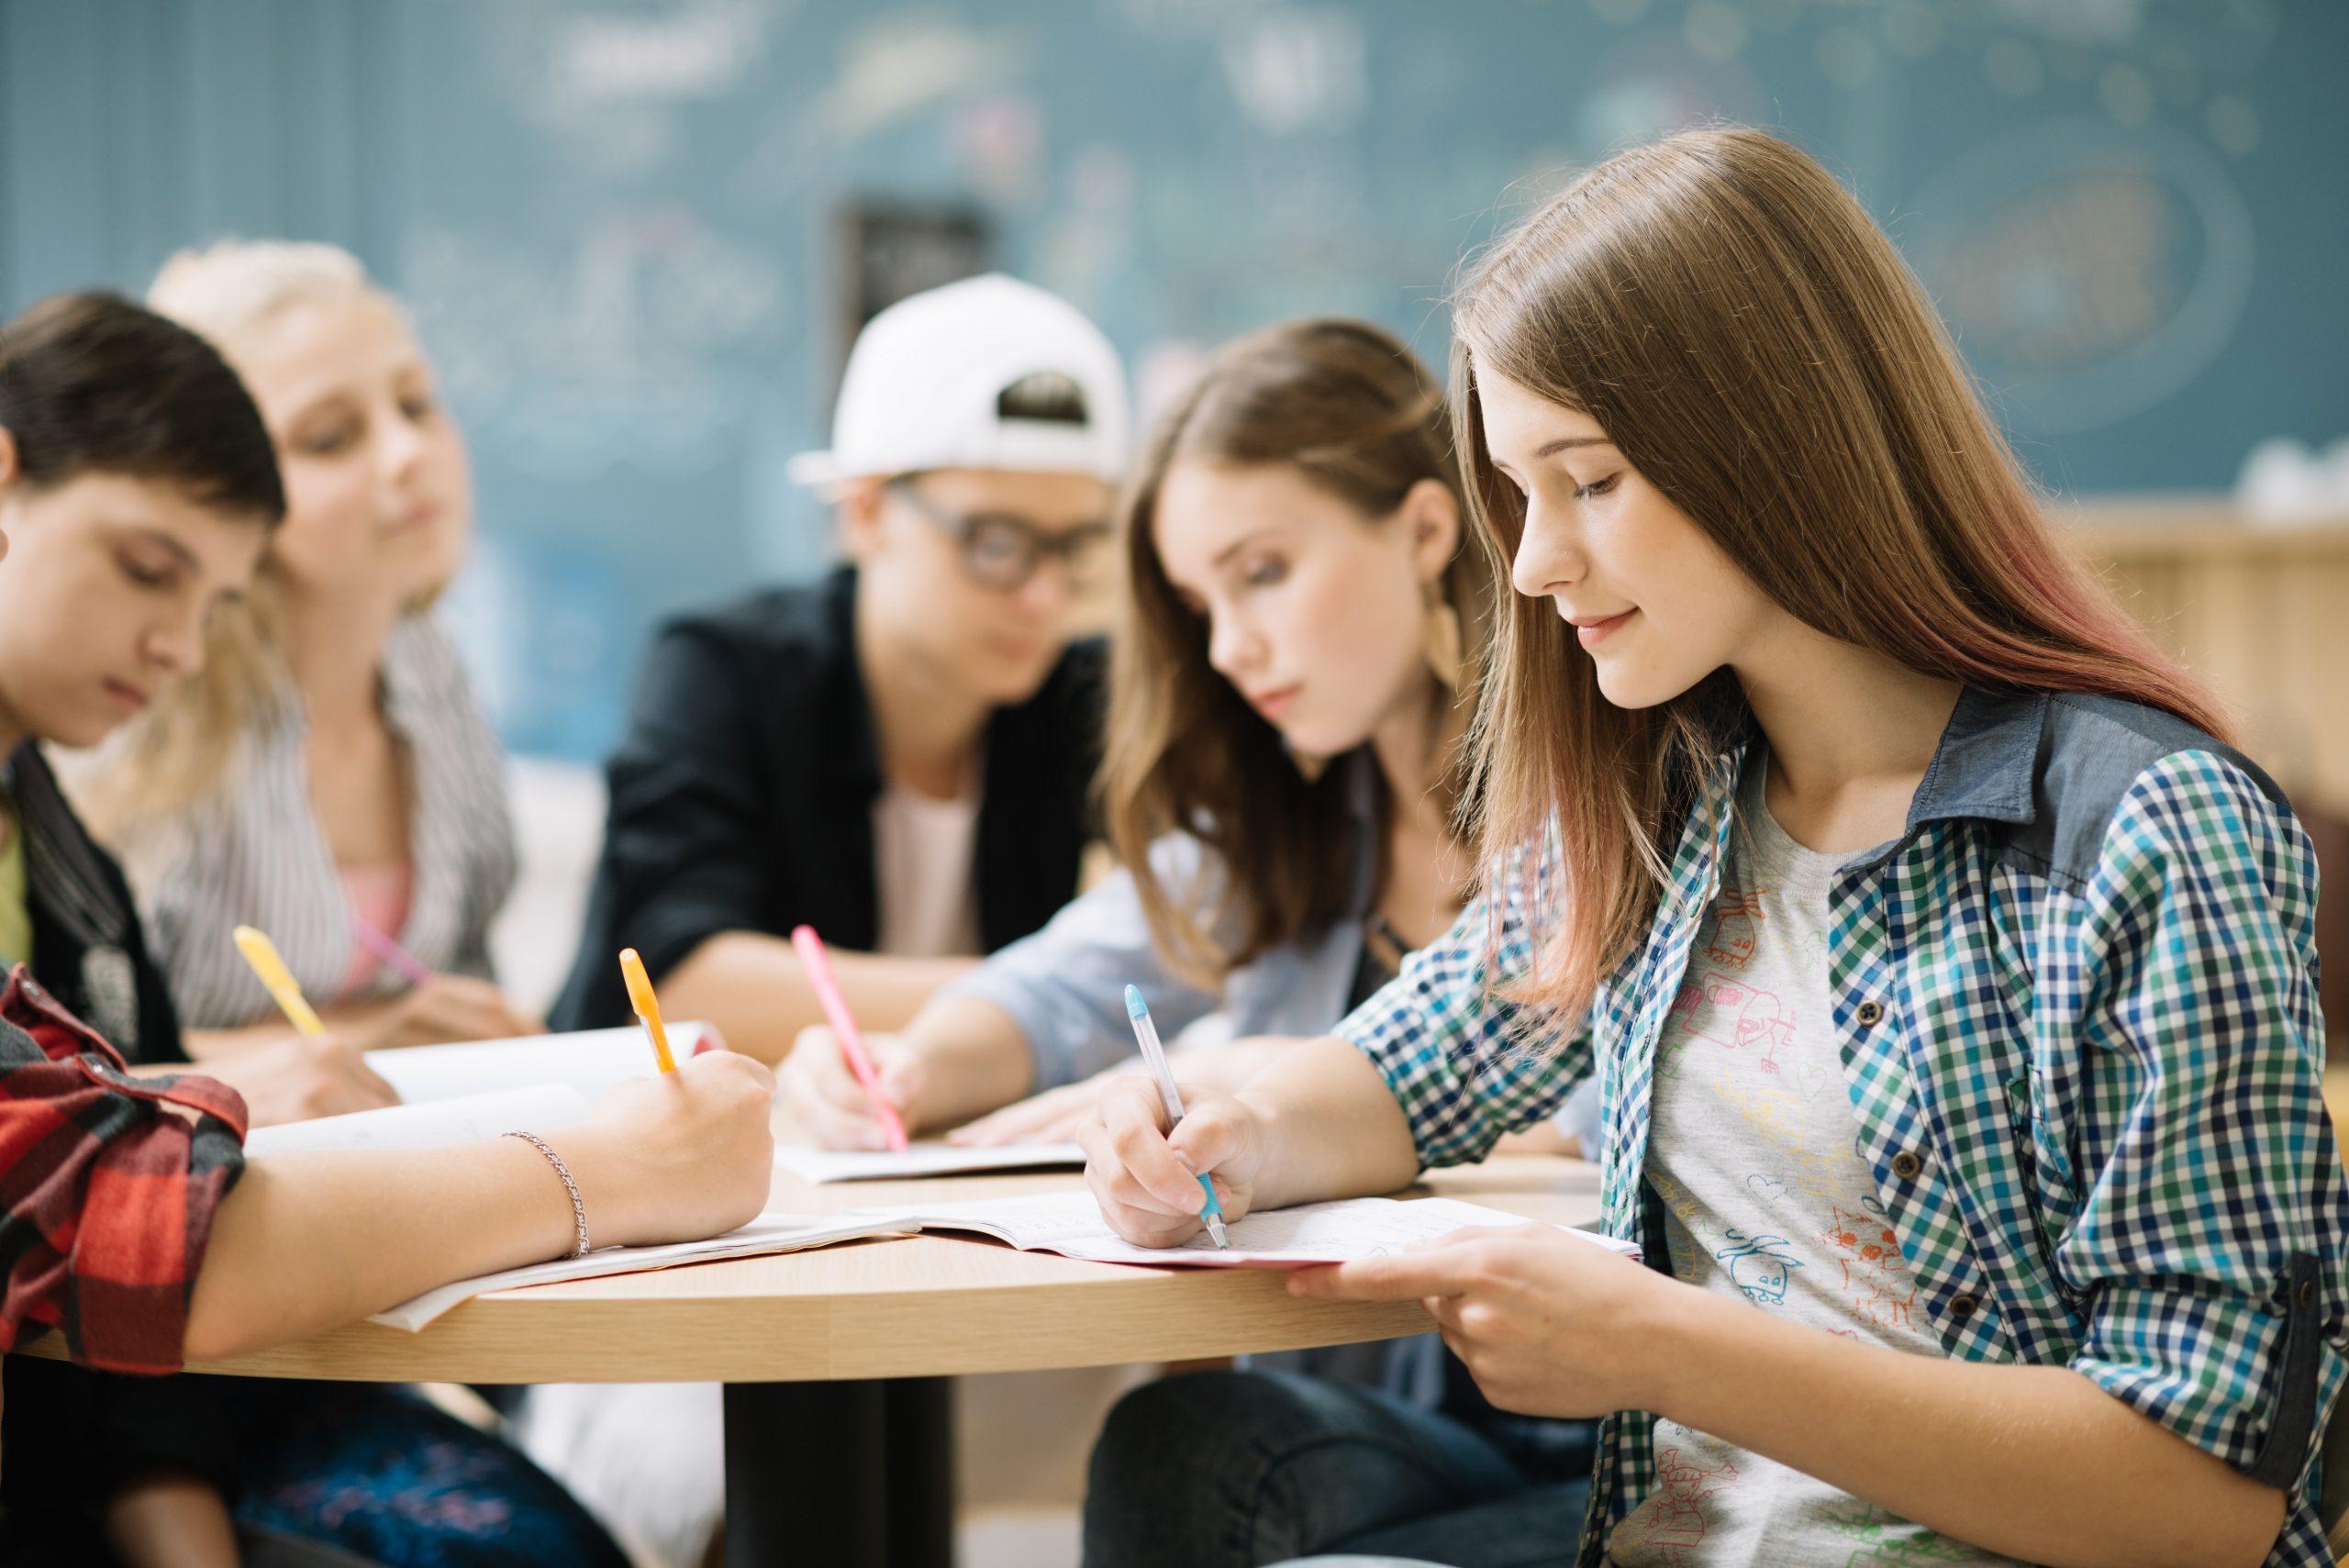 俄罗斯中高等教育基本情况